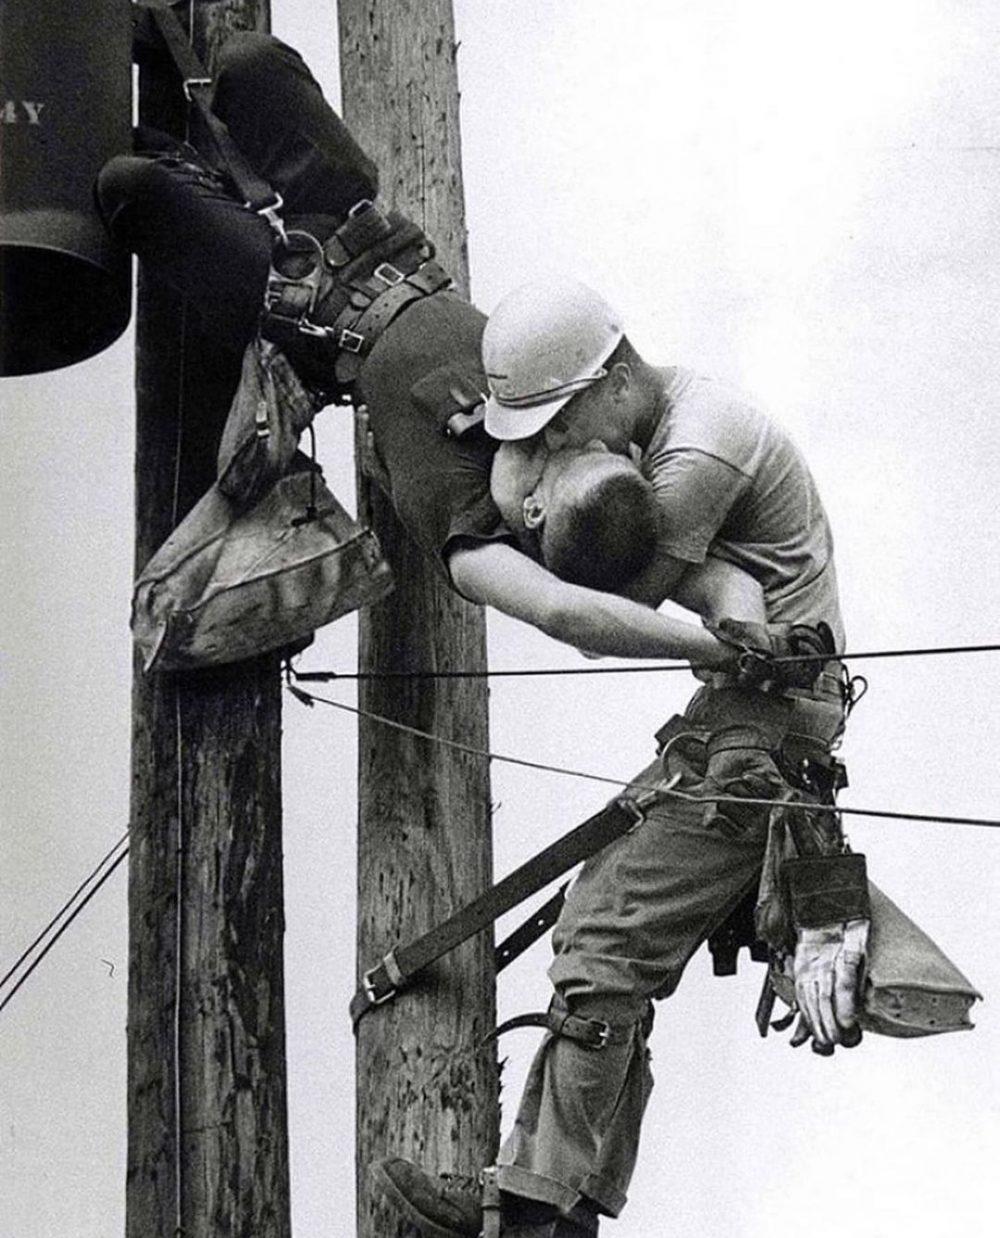 Rocco Morabito ganó con esta fotografía el premio Pulitzer en 1968